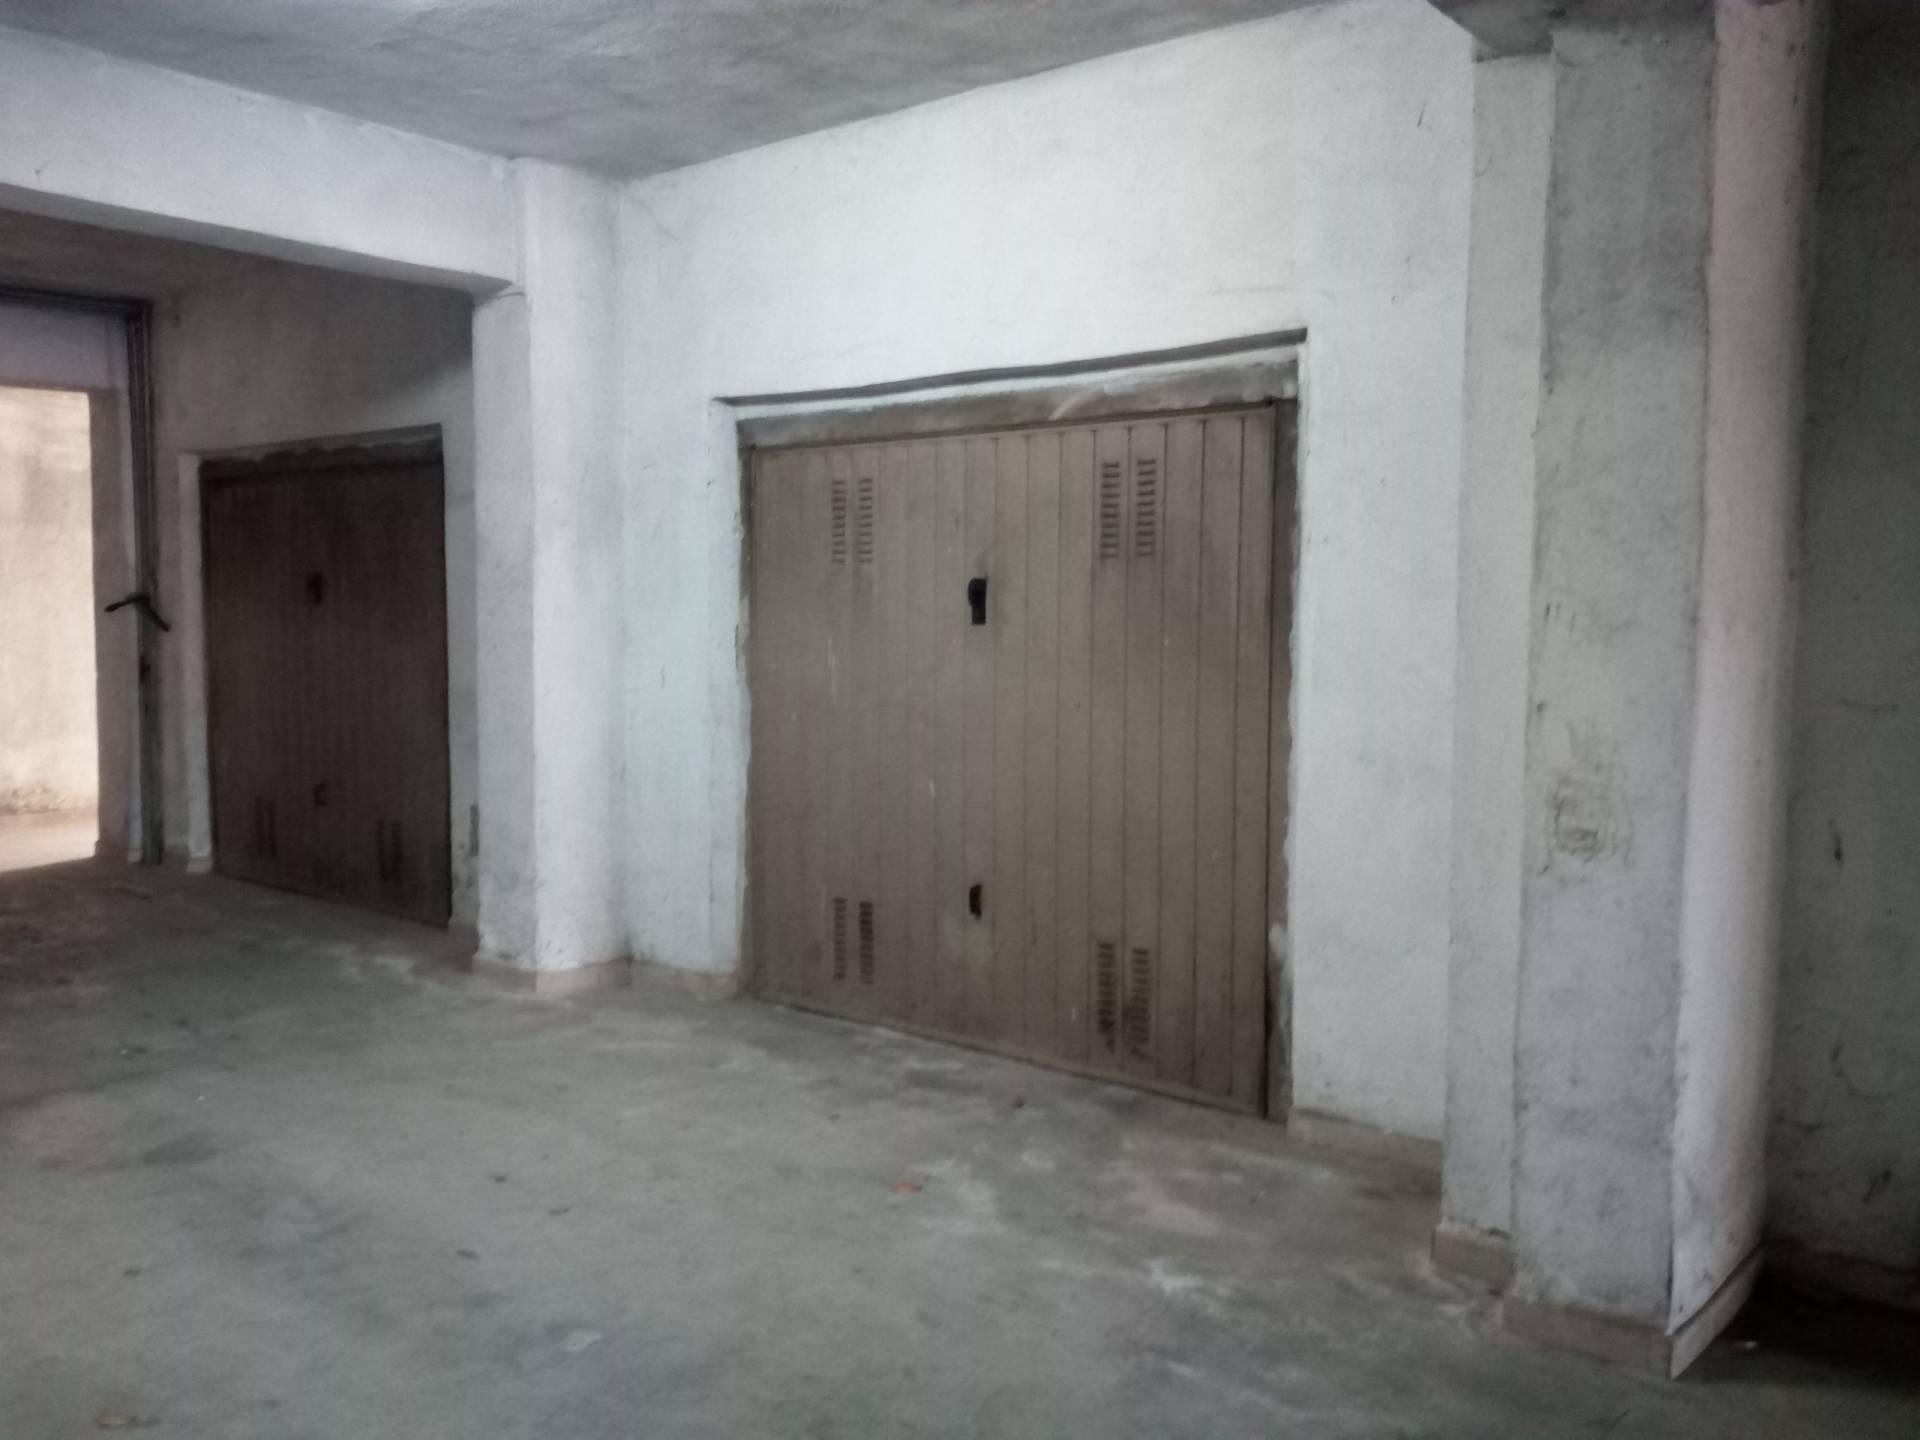 Box / Garage in vendita a Vico del Gargano, 1 locali, zona Località: FilodellAsino, prezzo € 25.000 | CambioCasa.it